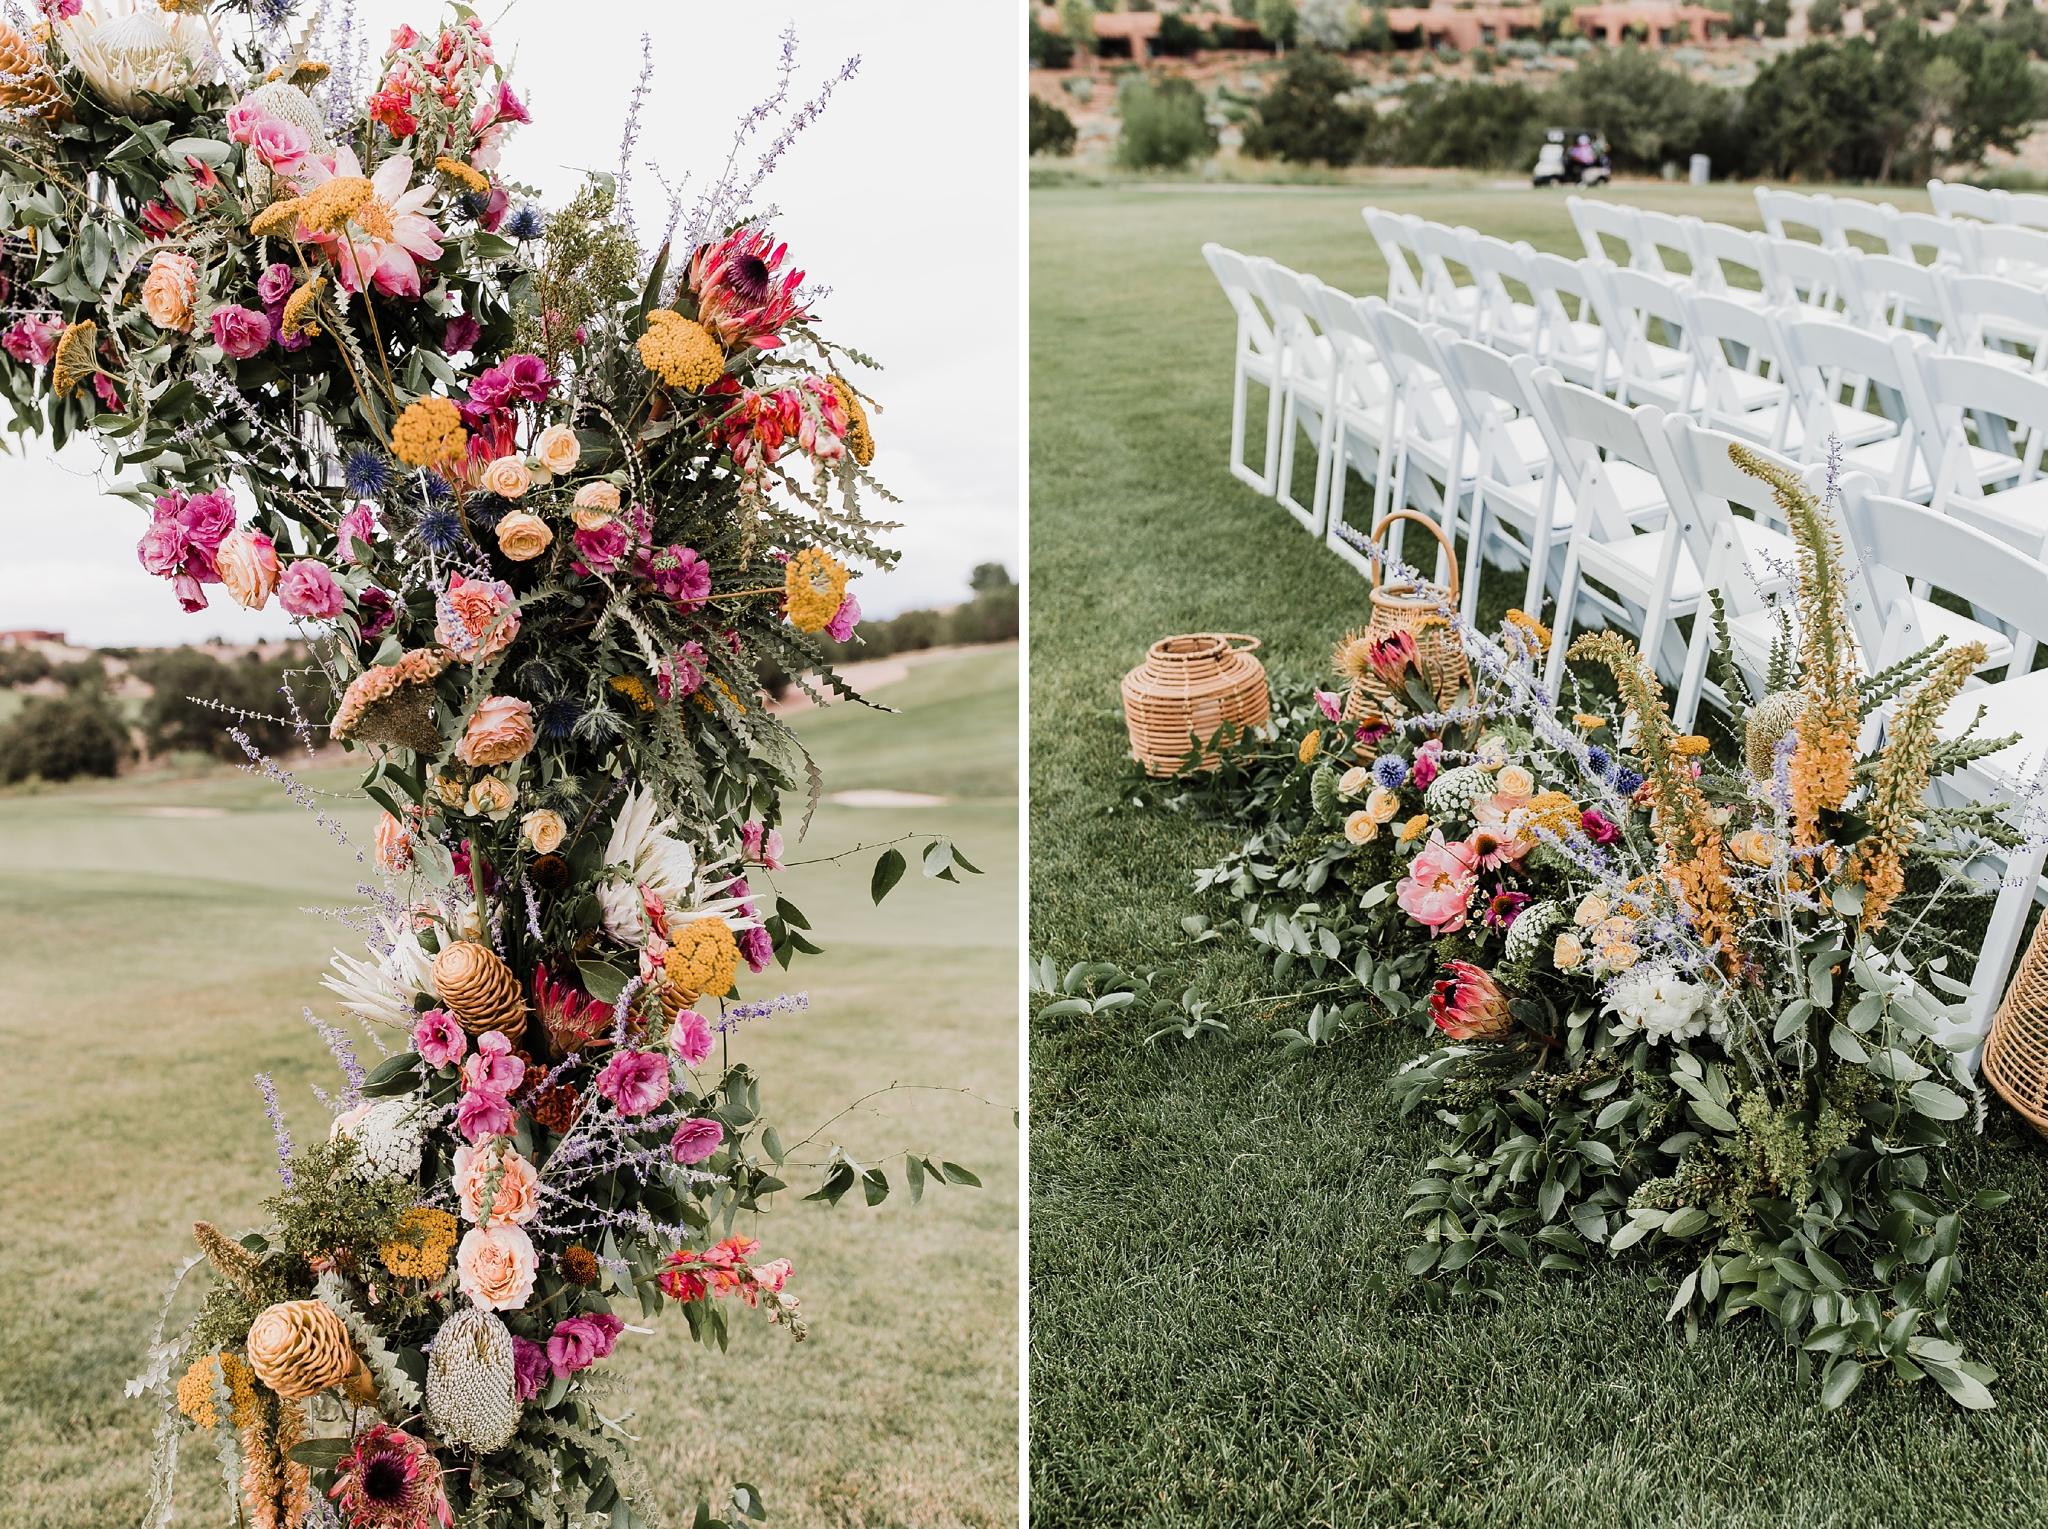 Alicia+lucia+photography+-+albuquerque+wedding+photographer+-+santa+fe+wedding+photography+-+new+mexico+wedding+photographer+-+new+mexico+wedding+-+summer+wedding+-+summer+wedding+florals+-+southwest+wedding_0073.jpg